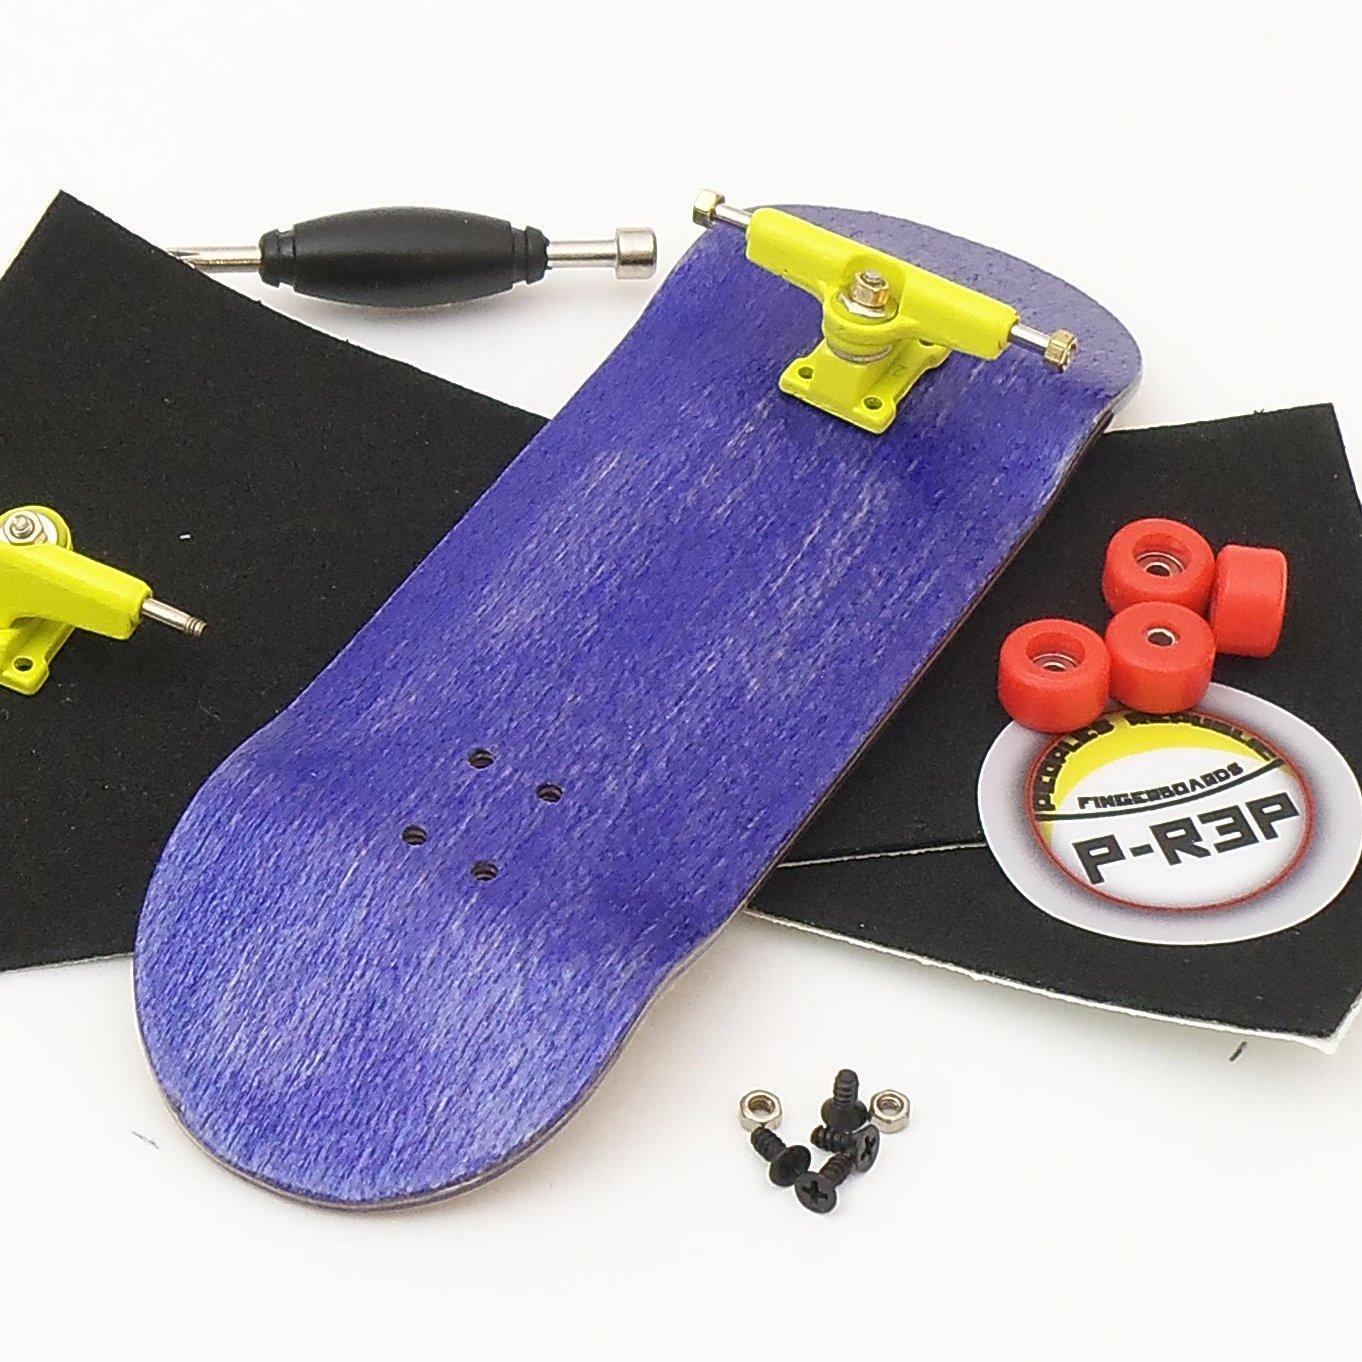 Peoples Republic 32mm Purple Complete Wooden Fingerboard w Nuts Trucks - Basic Bearing Wheels